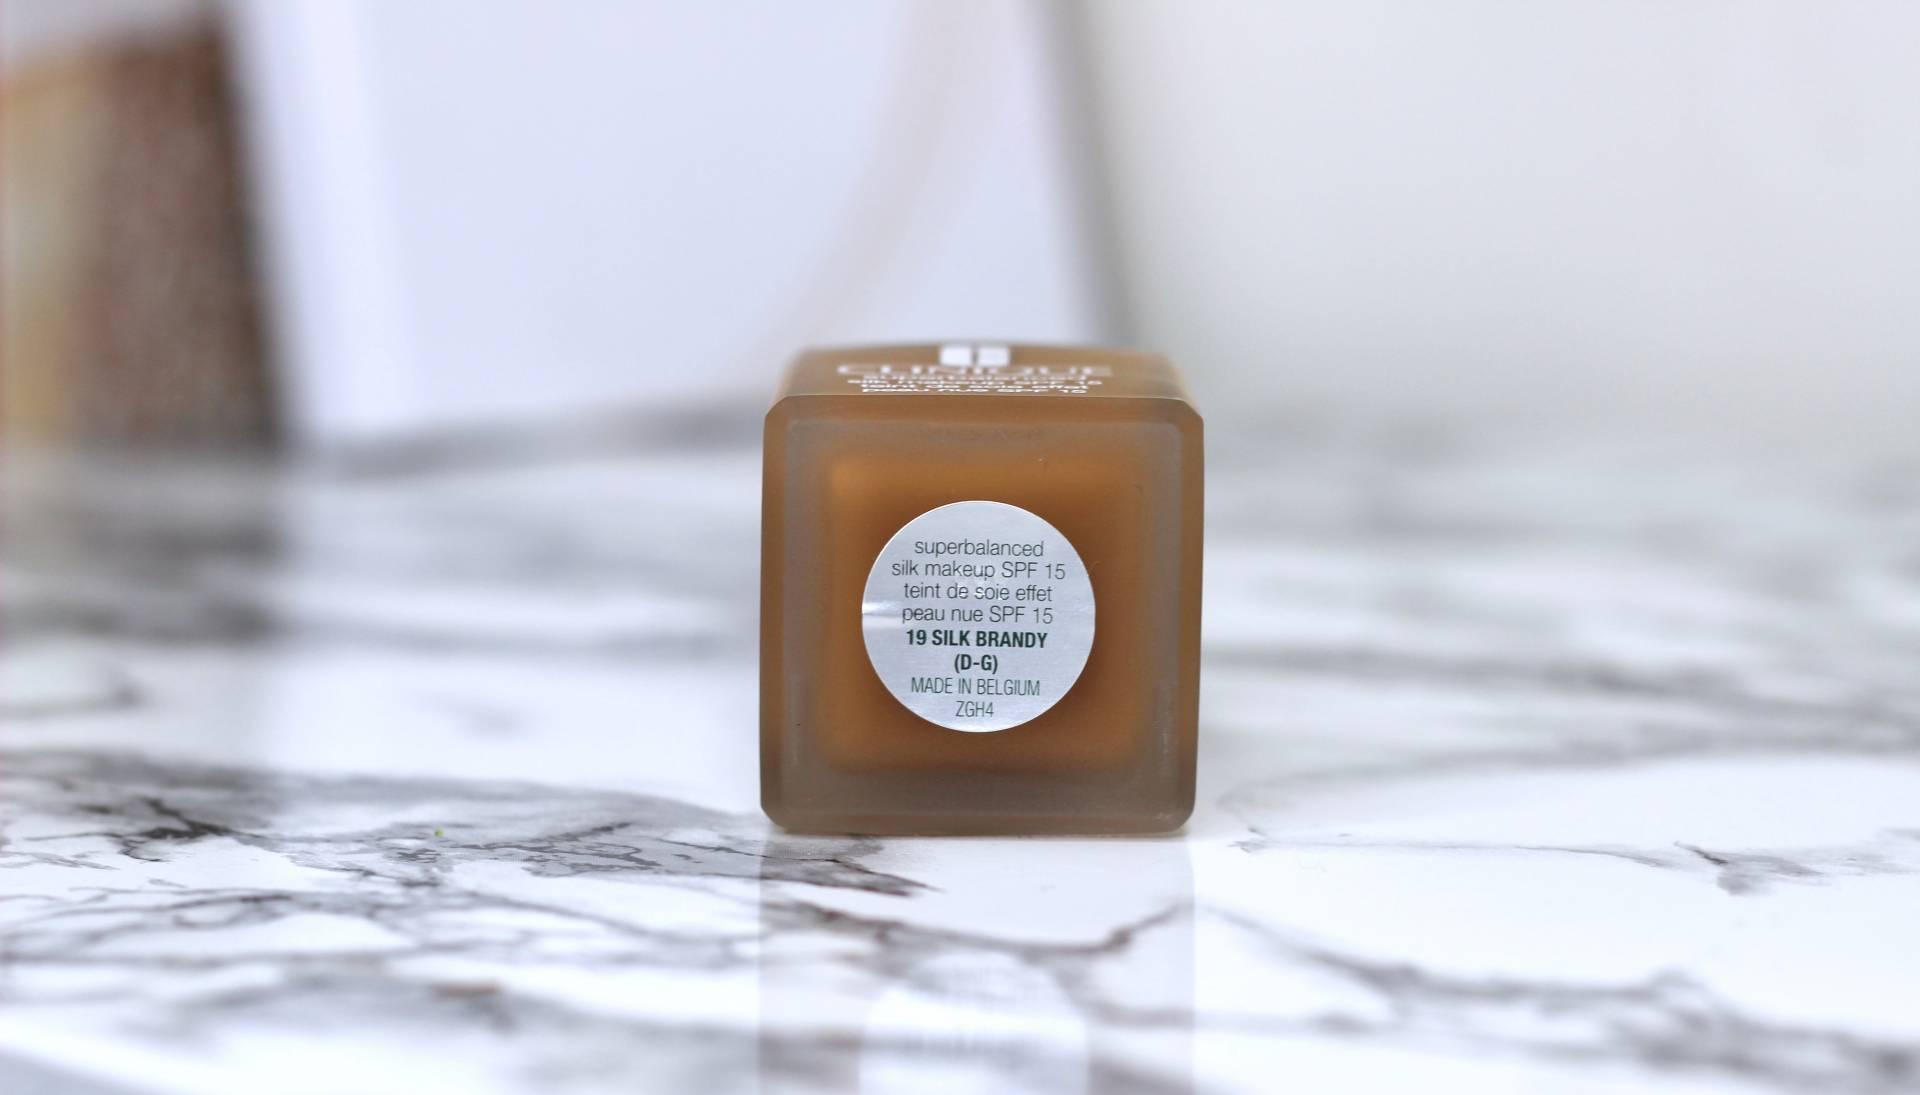 CLINIQUE Superbalanced Silk Makeup SPF 15